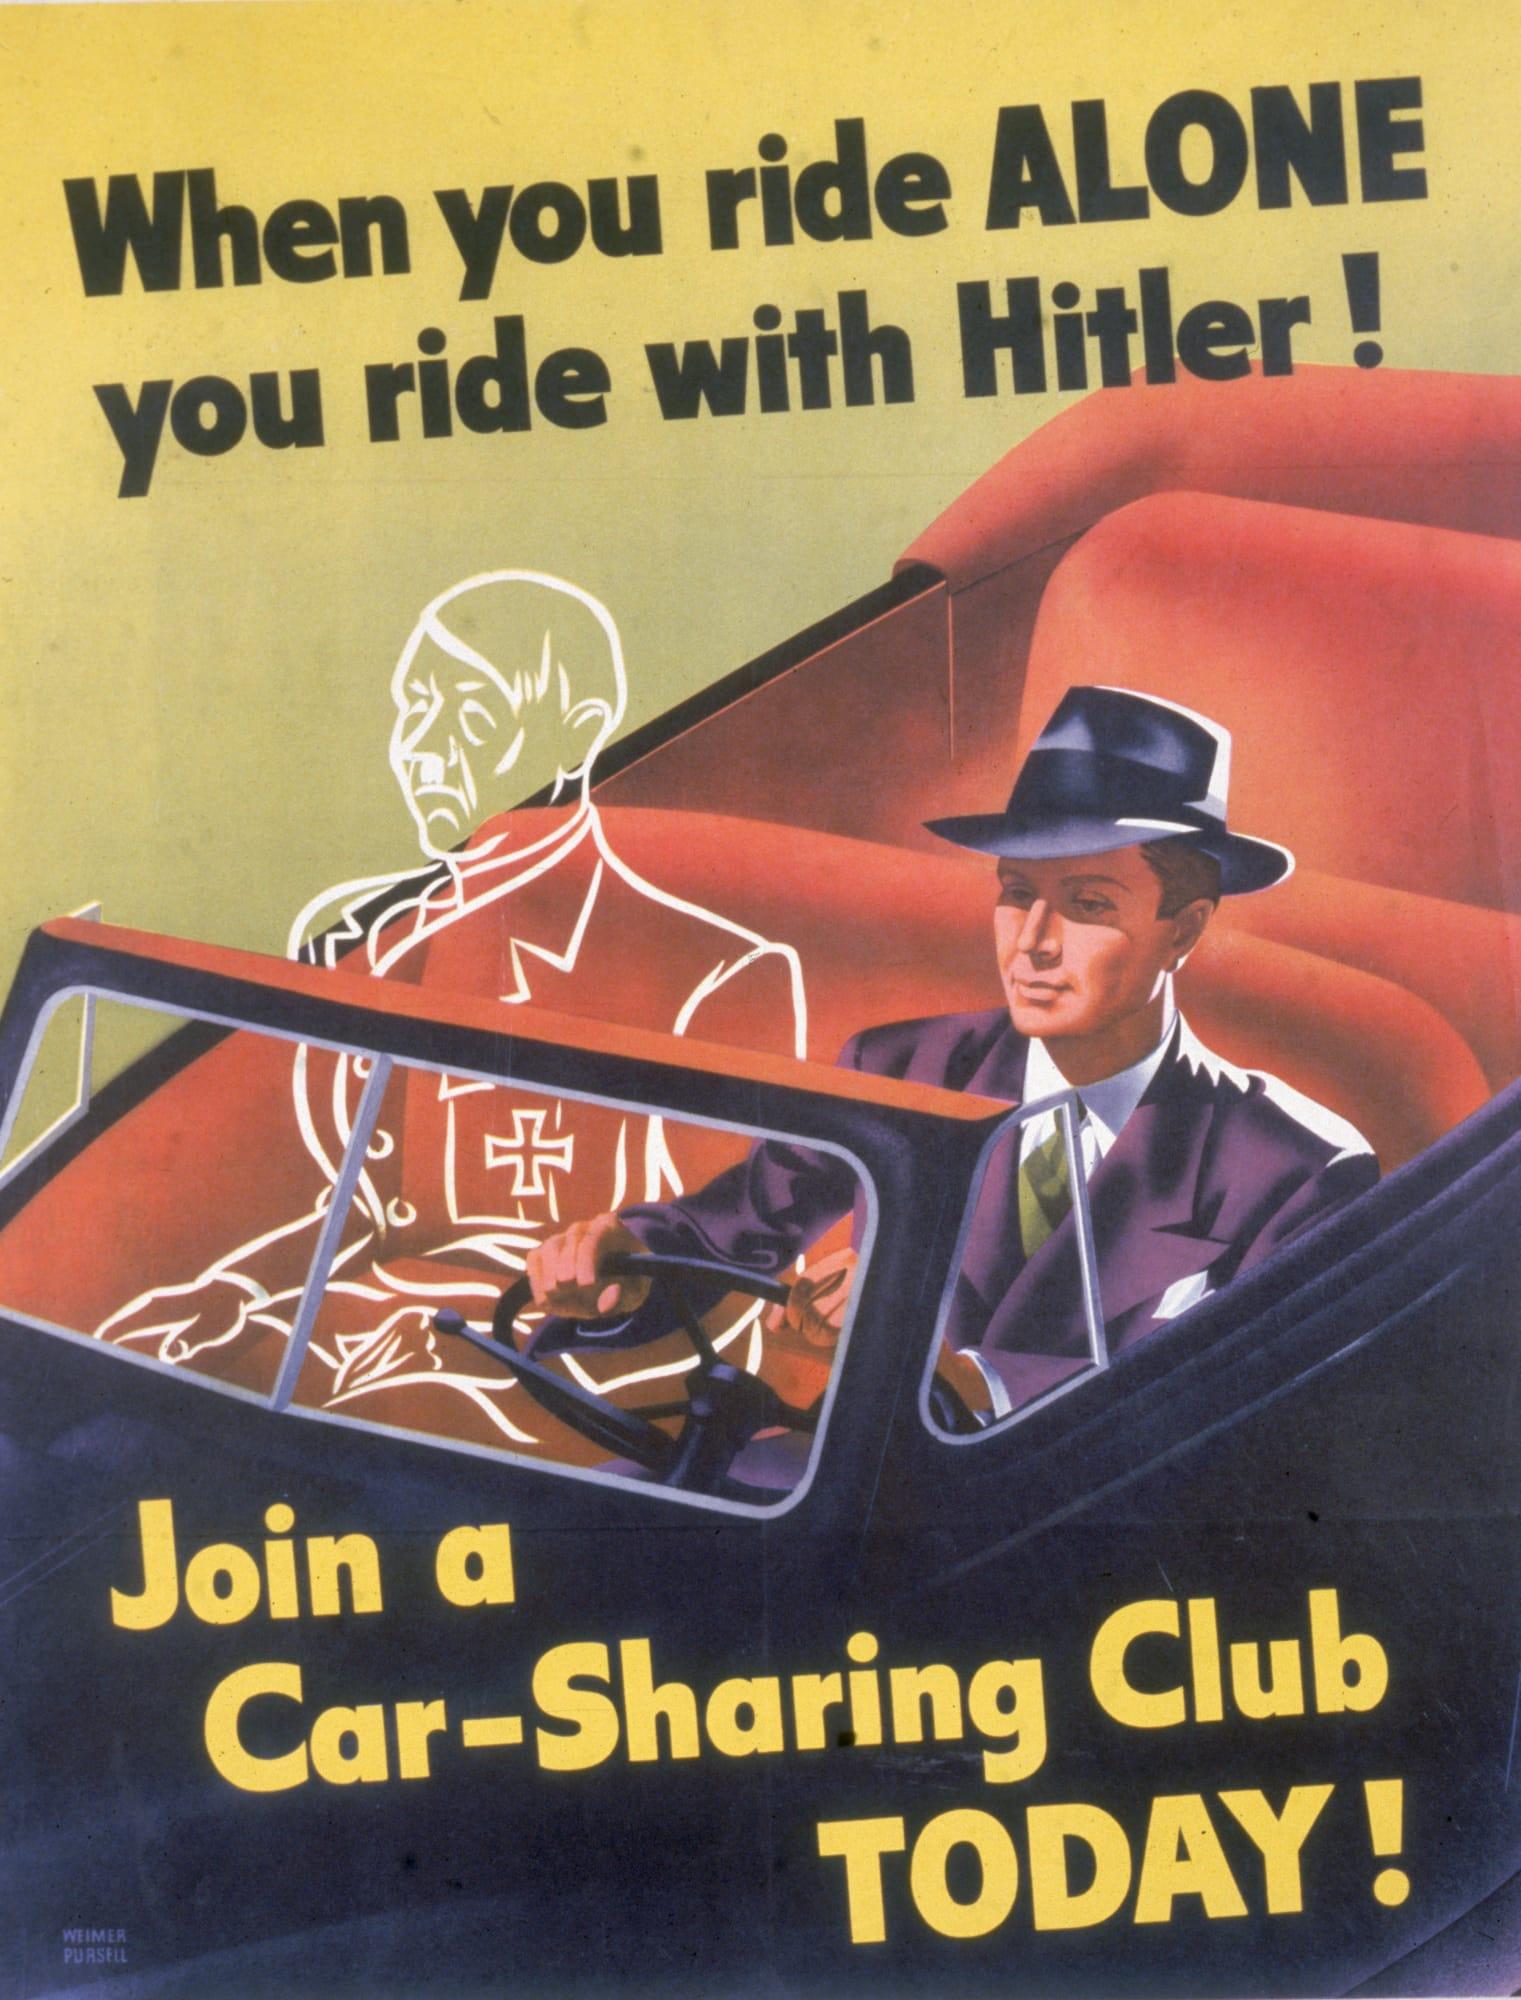 Image via History.com